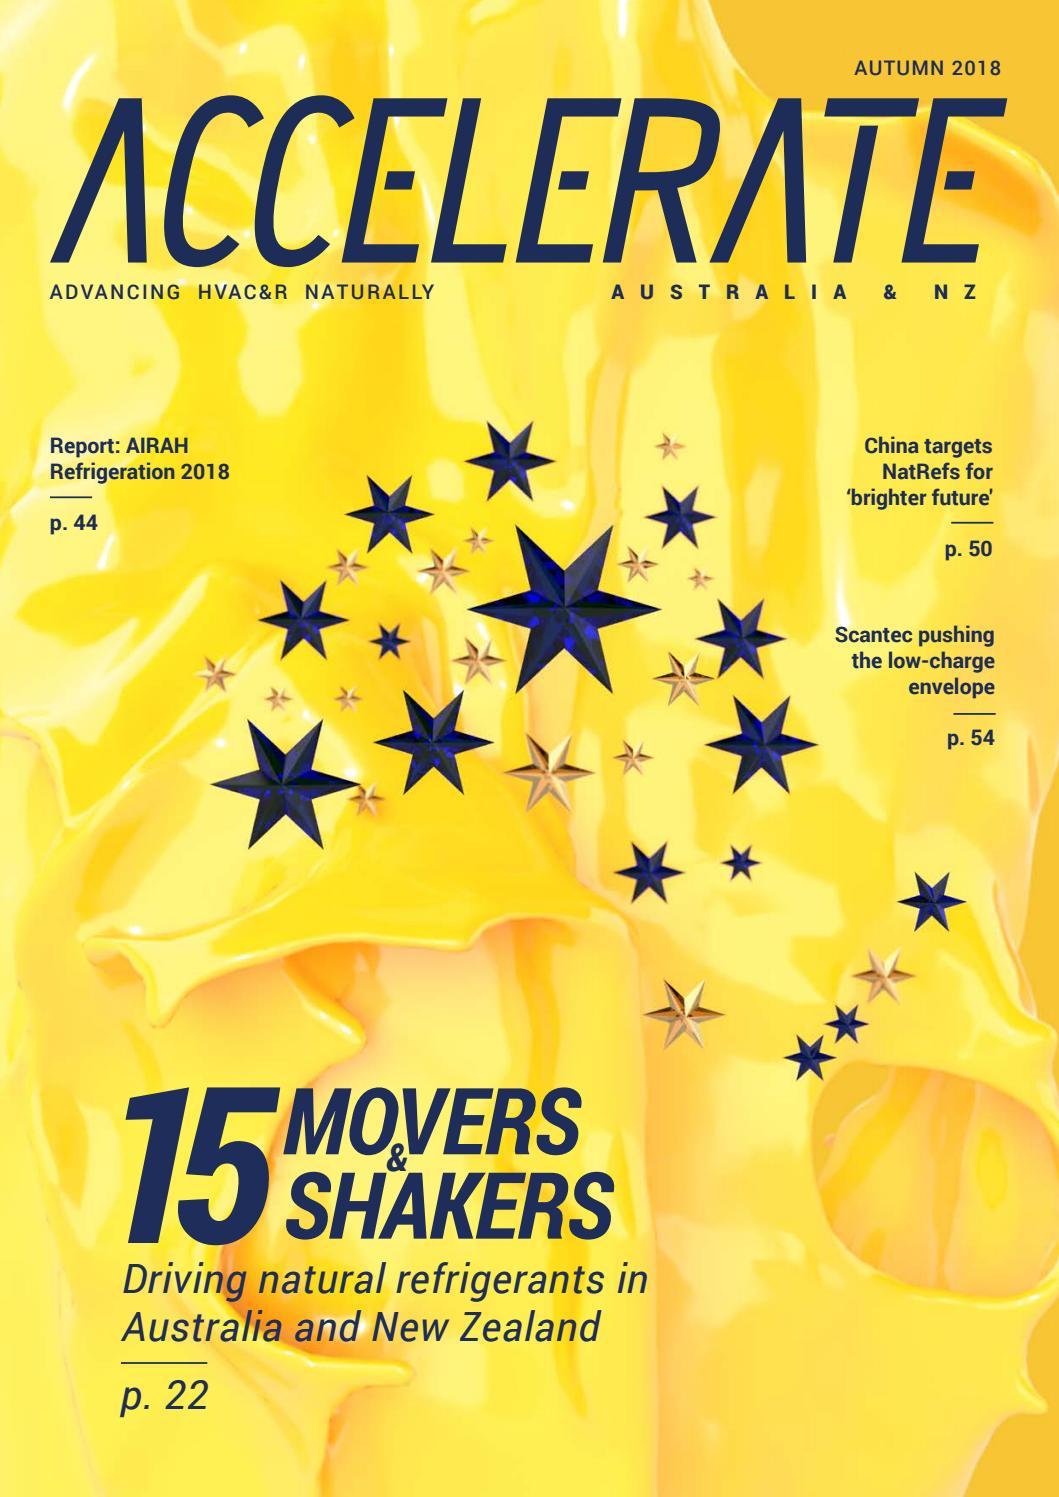 Accelerate Australia & NZ #9 Autumn 2018 by shecco - issuu